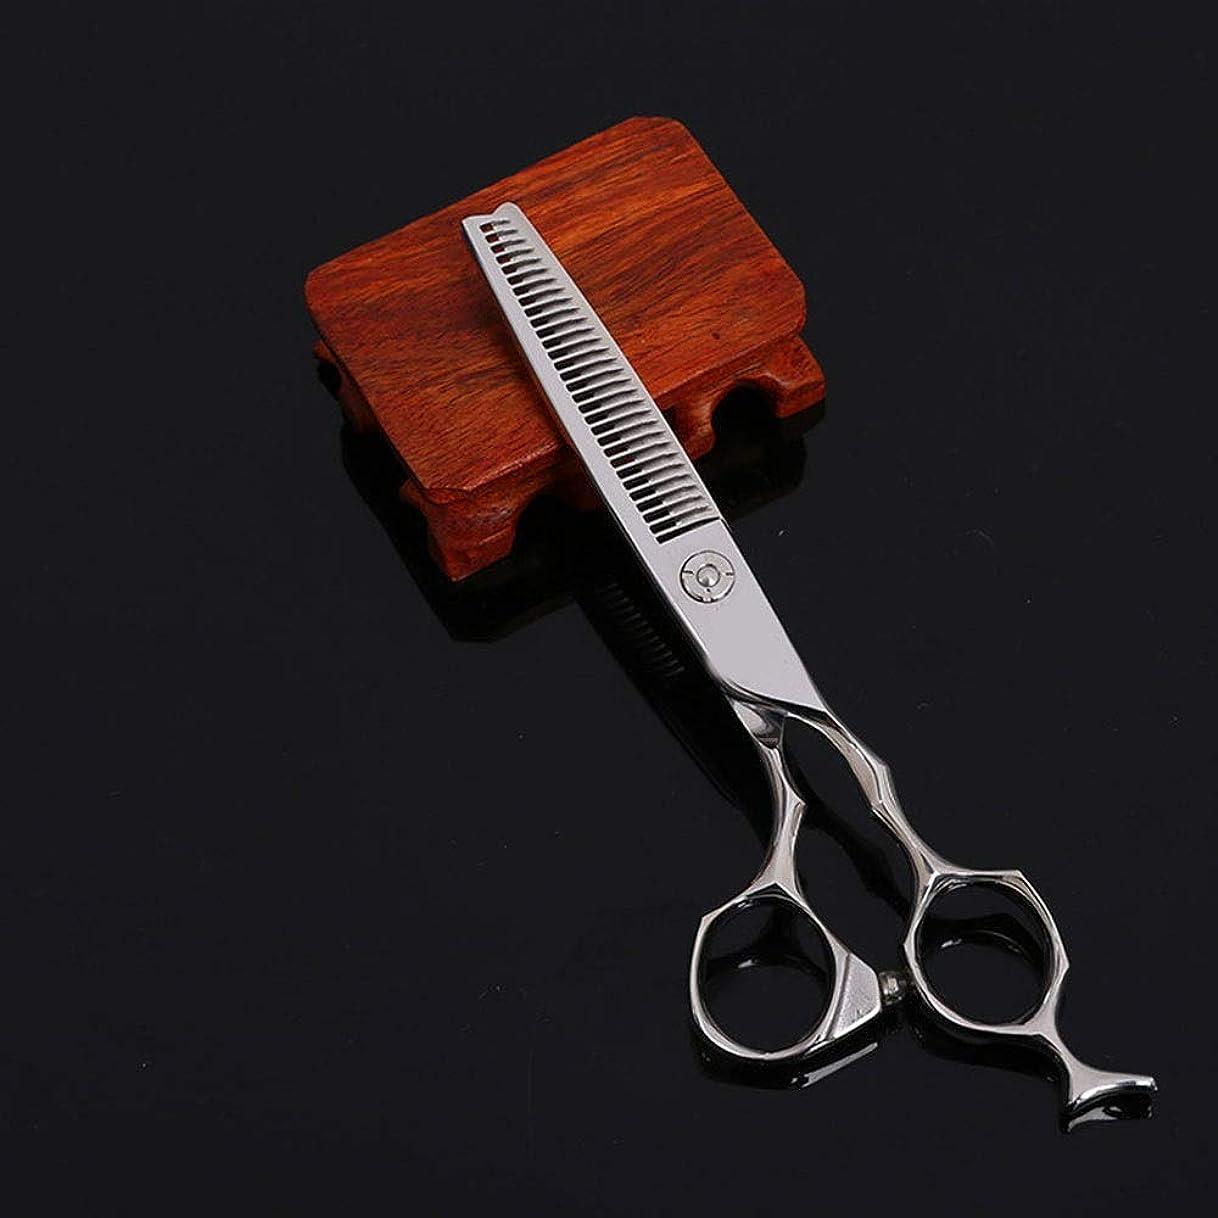 トースト主導権グラス440C物質的な前髪の理髪はさみ、6インチの美容院の専門の理髪はさみ モデリングツール (色 : Silver)